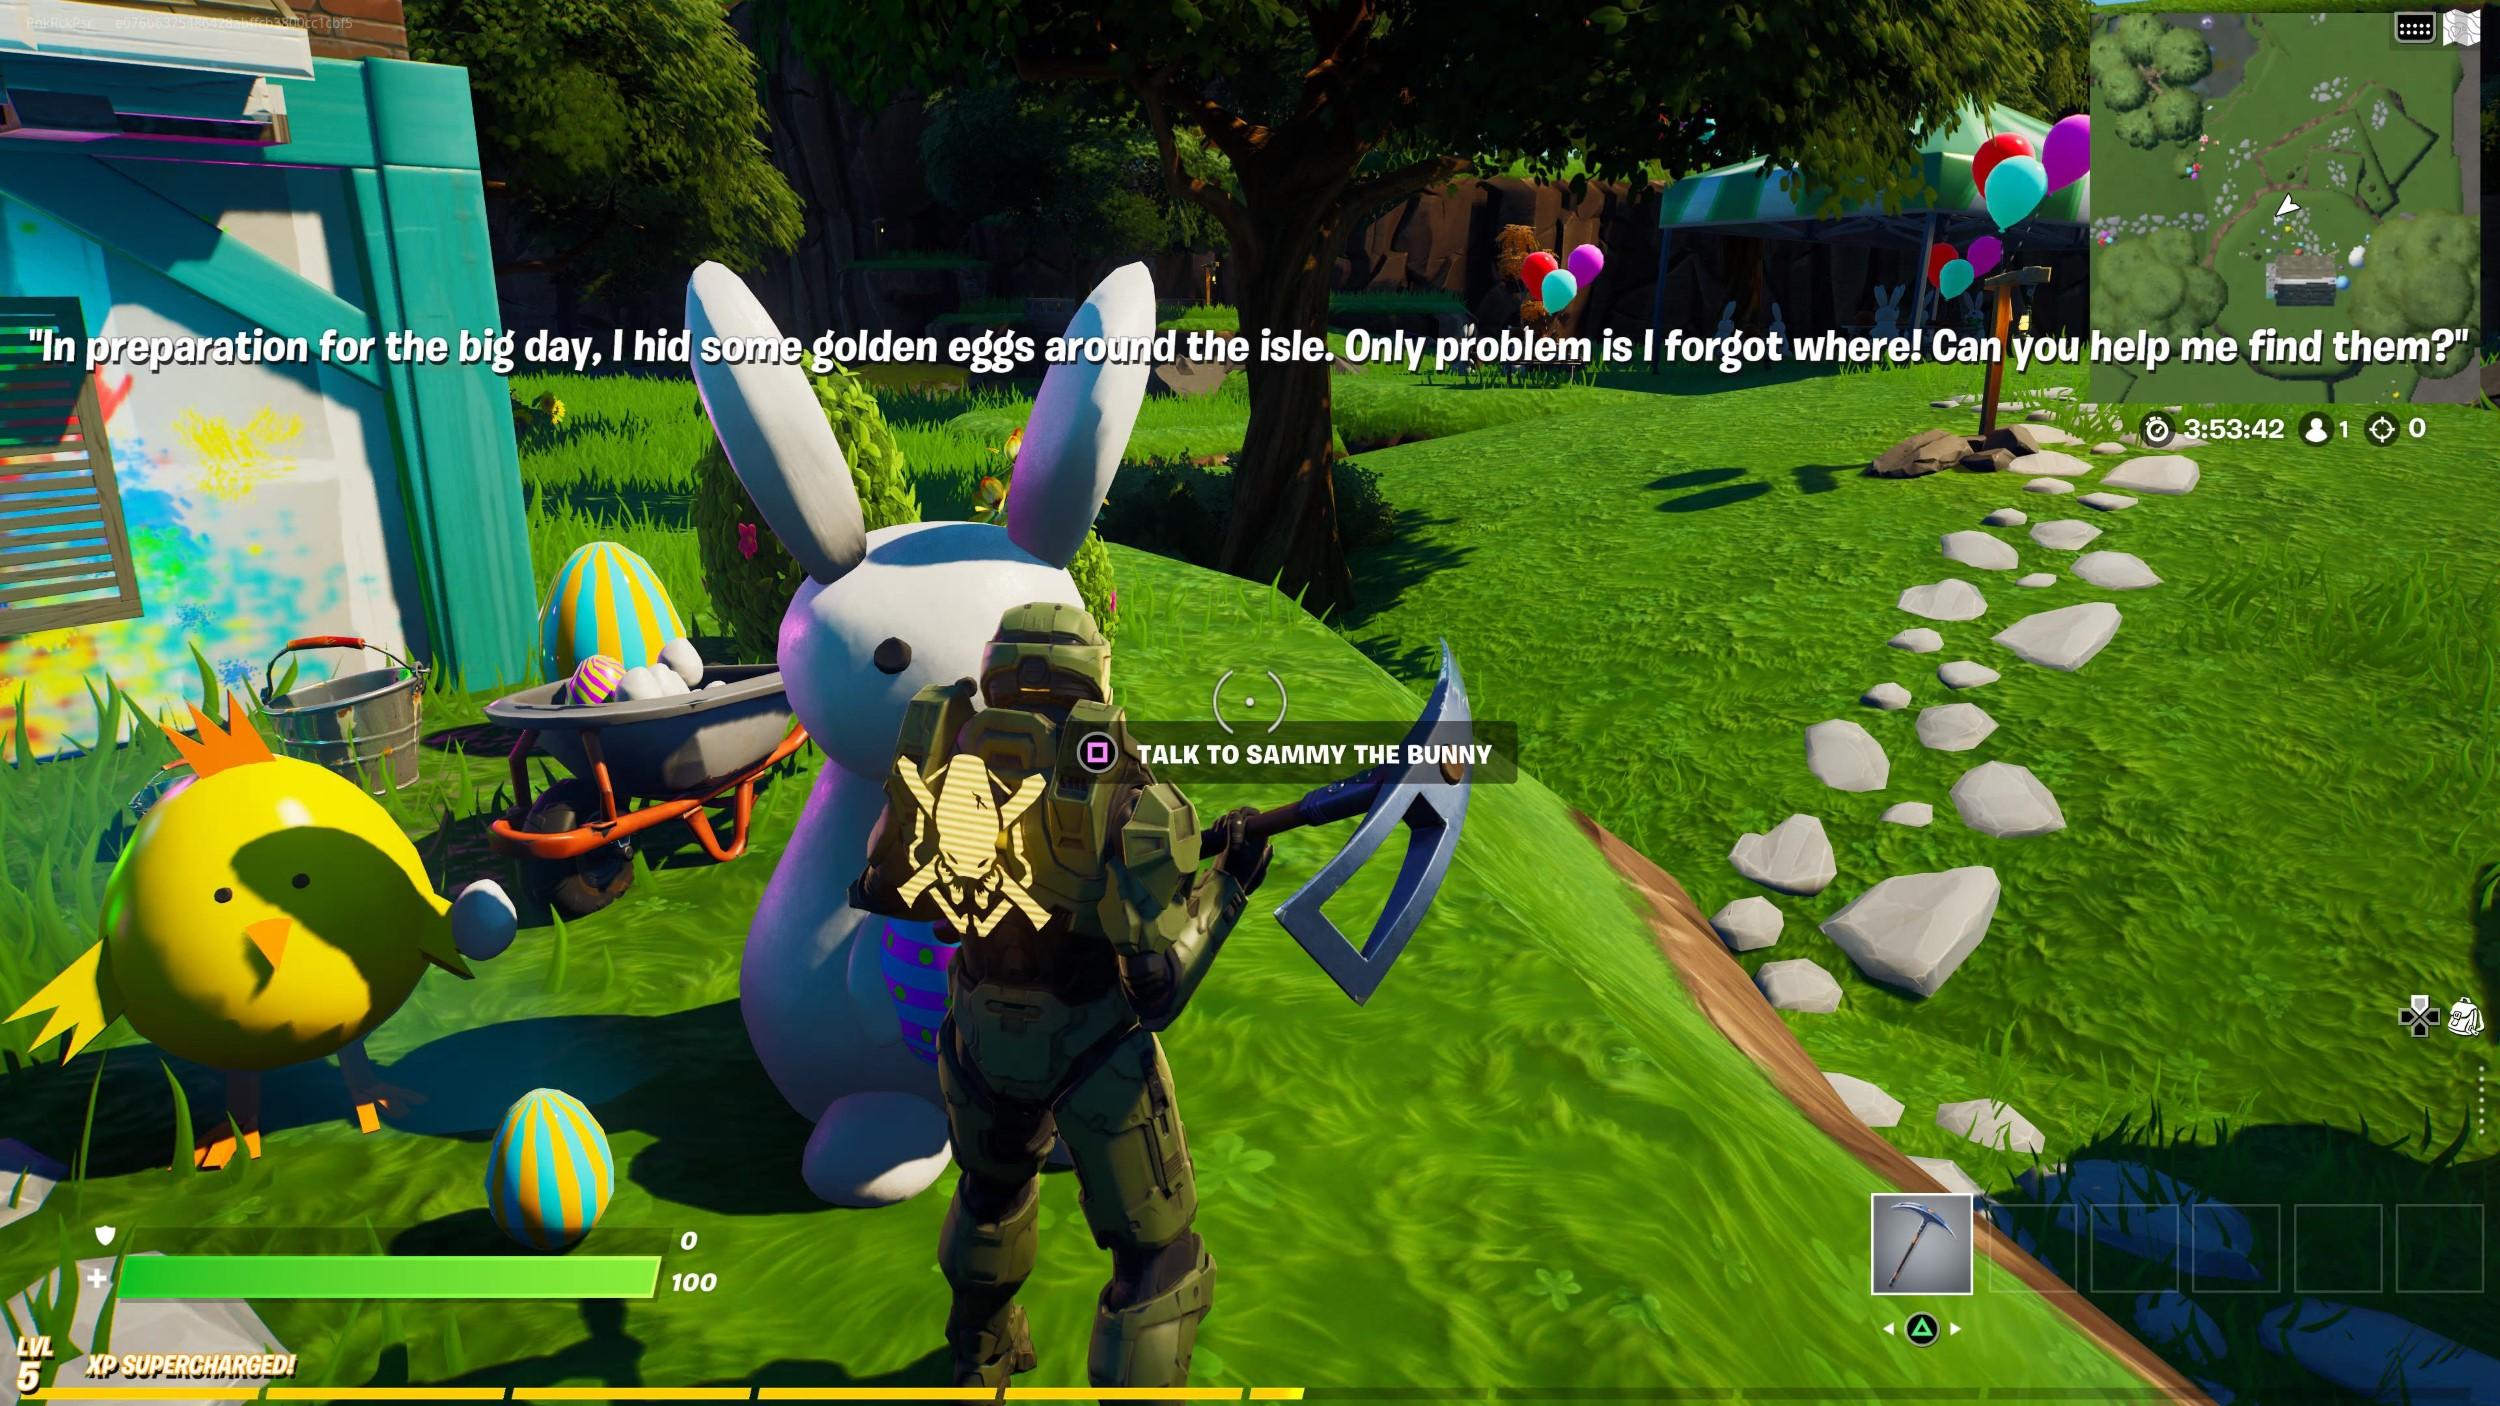 'Fortnite' Creative Hub Easter Egg Hunt Guide: All 5 Golden Egg Locations